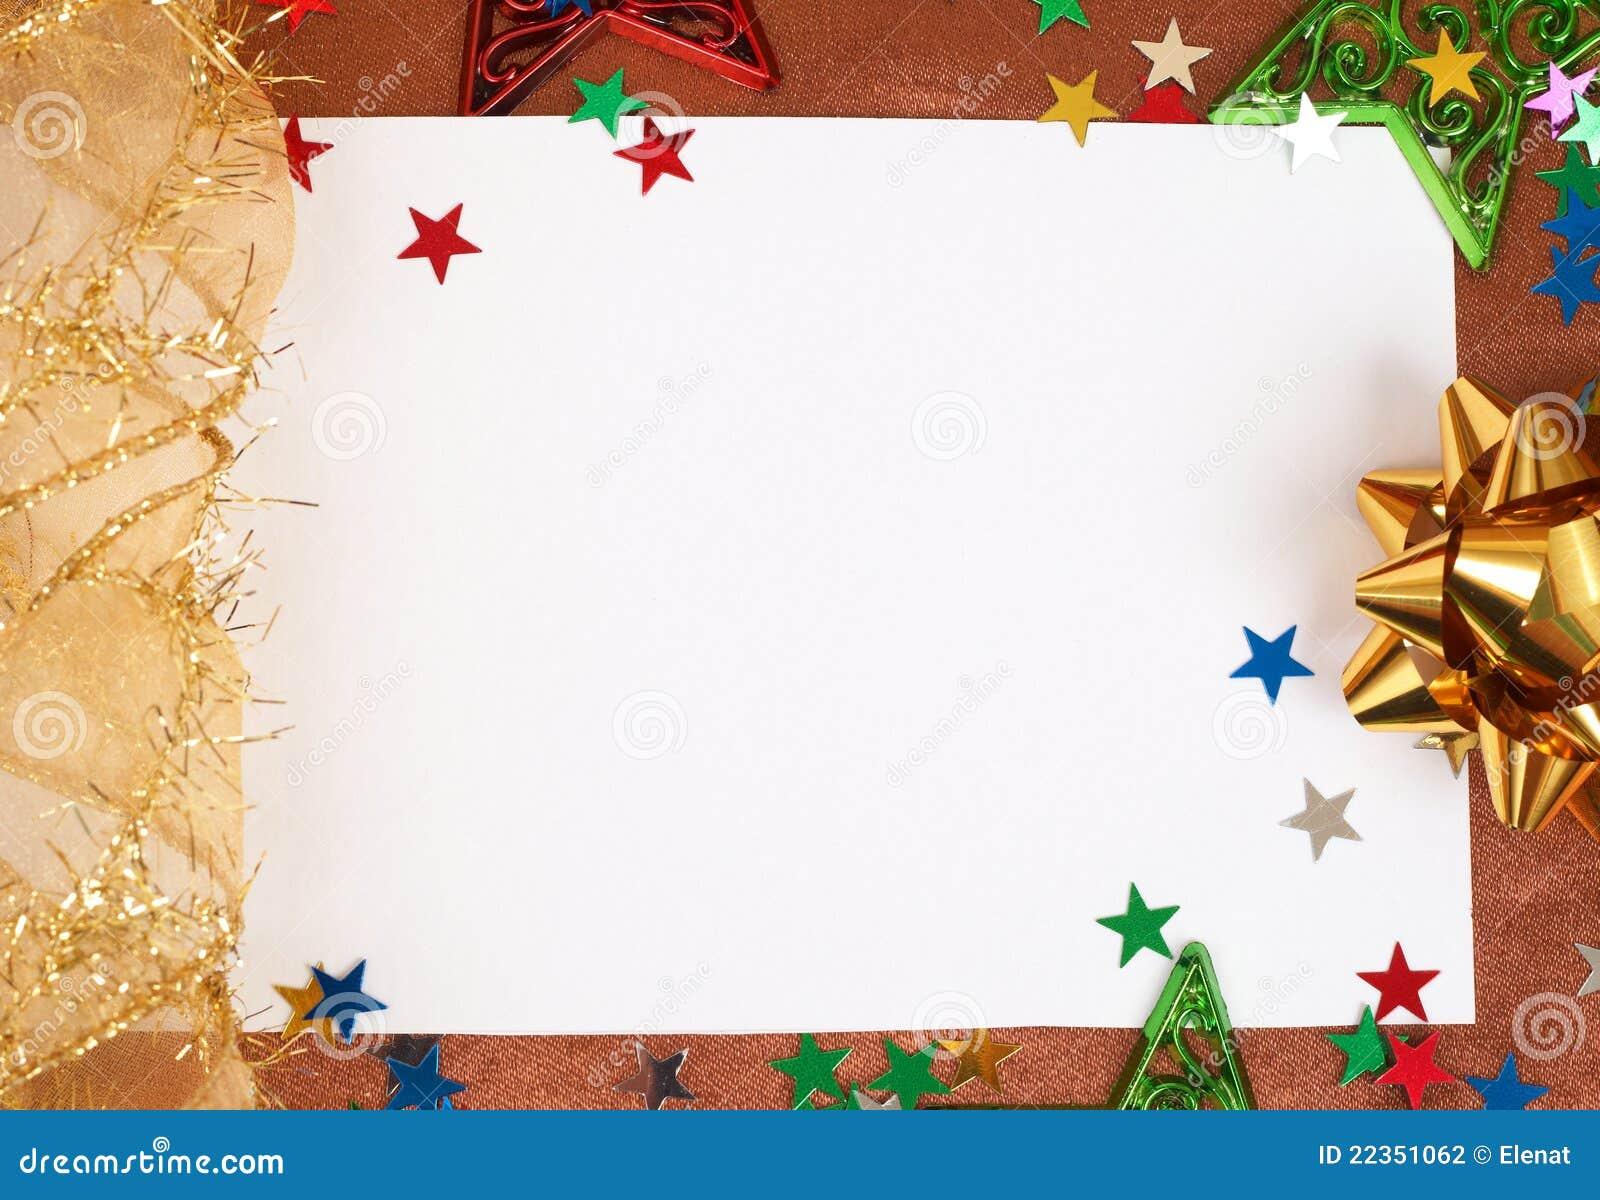 download carto de natal branco com decoraes foto de stock imagem de colorido decor